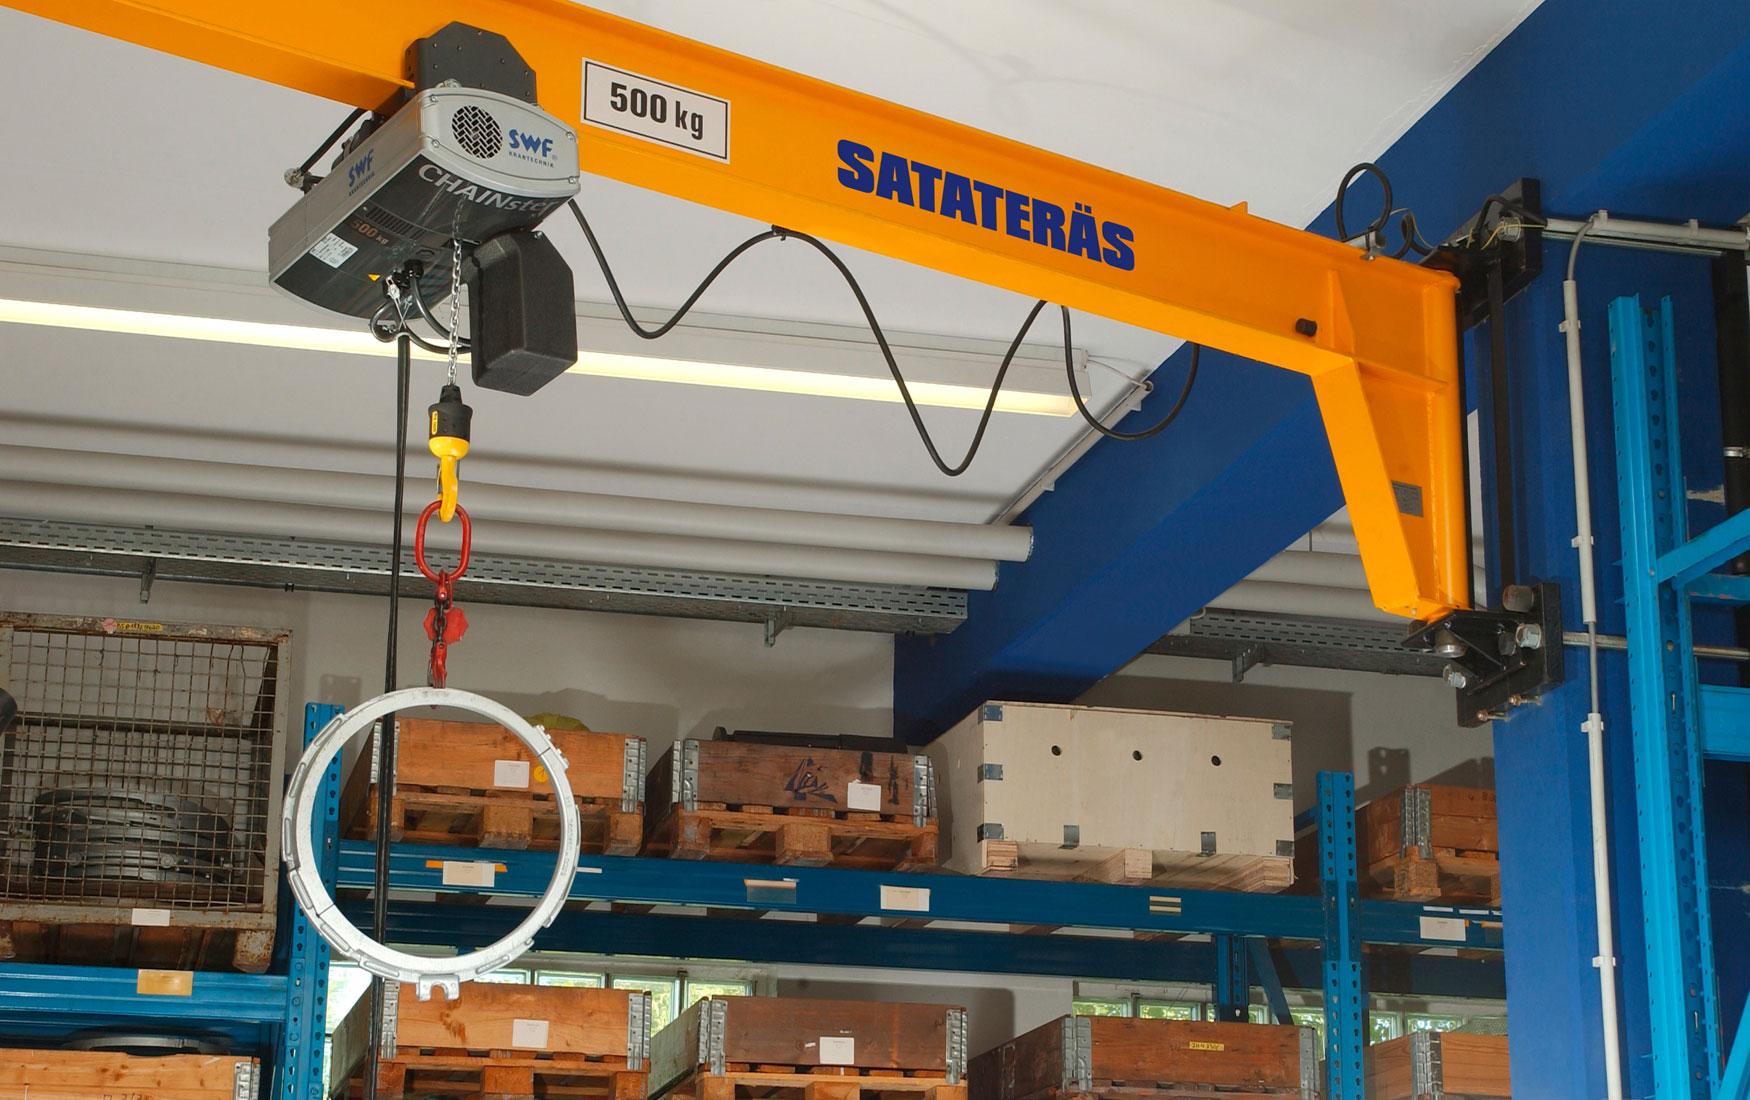 teollisuus-metalliteollisuus-teollisuuden-kaantopuominosturit_satateras-3